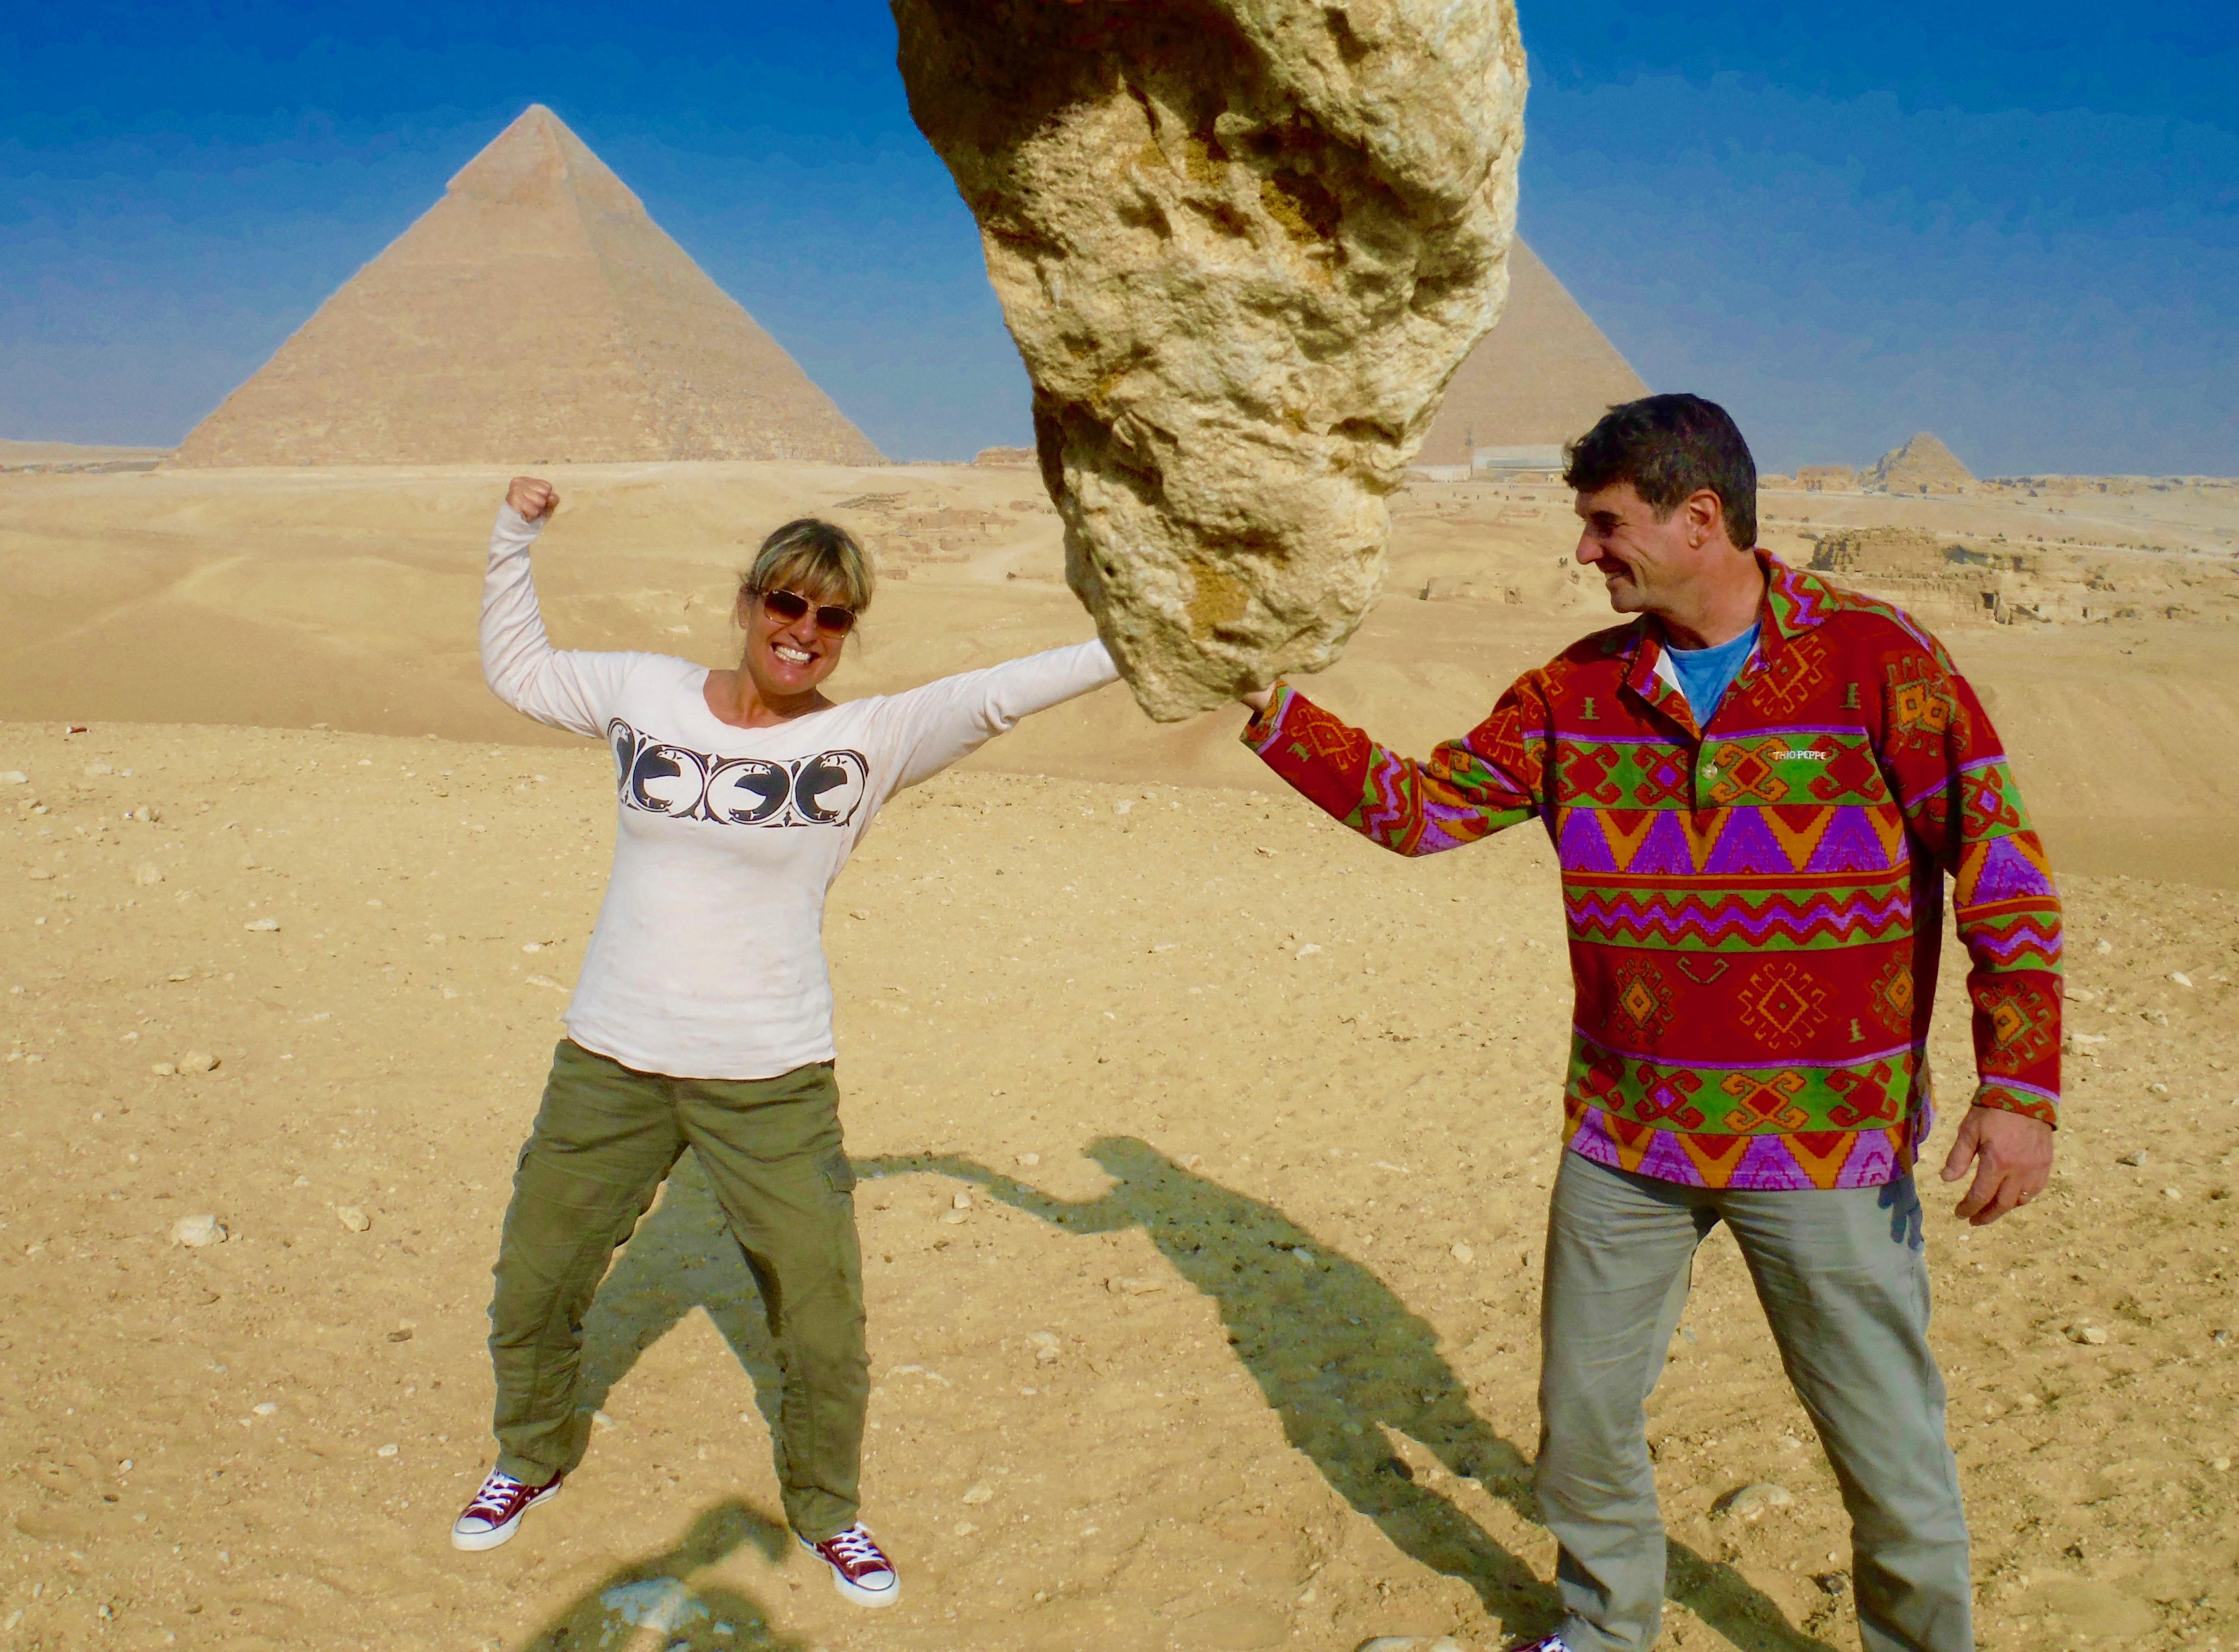 2015 - Giza, Egypt -Goofing around at the pyramids!